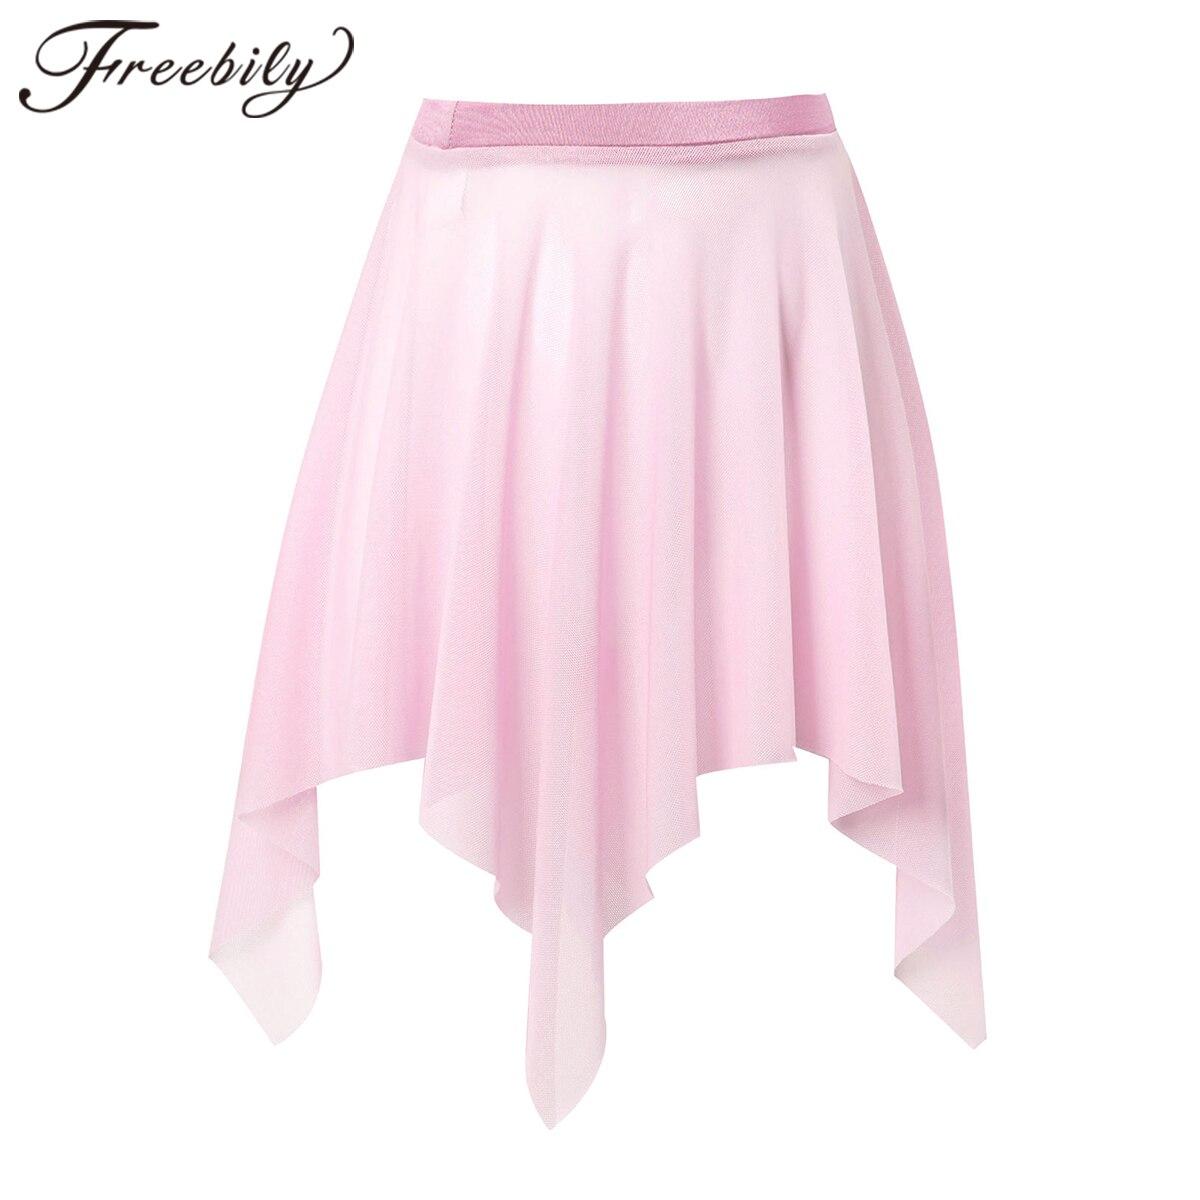 Girls Ballet Skirt Irregular Cut Modern Lyrical Dance Tulle Skirt Kids Gymnastics Leotard Skirt Stag